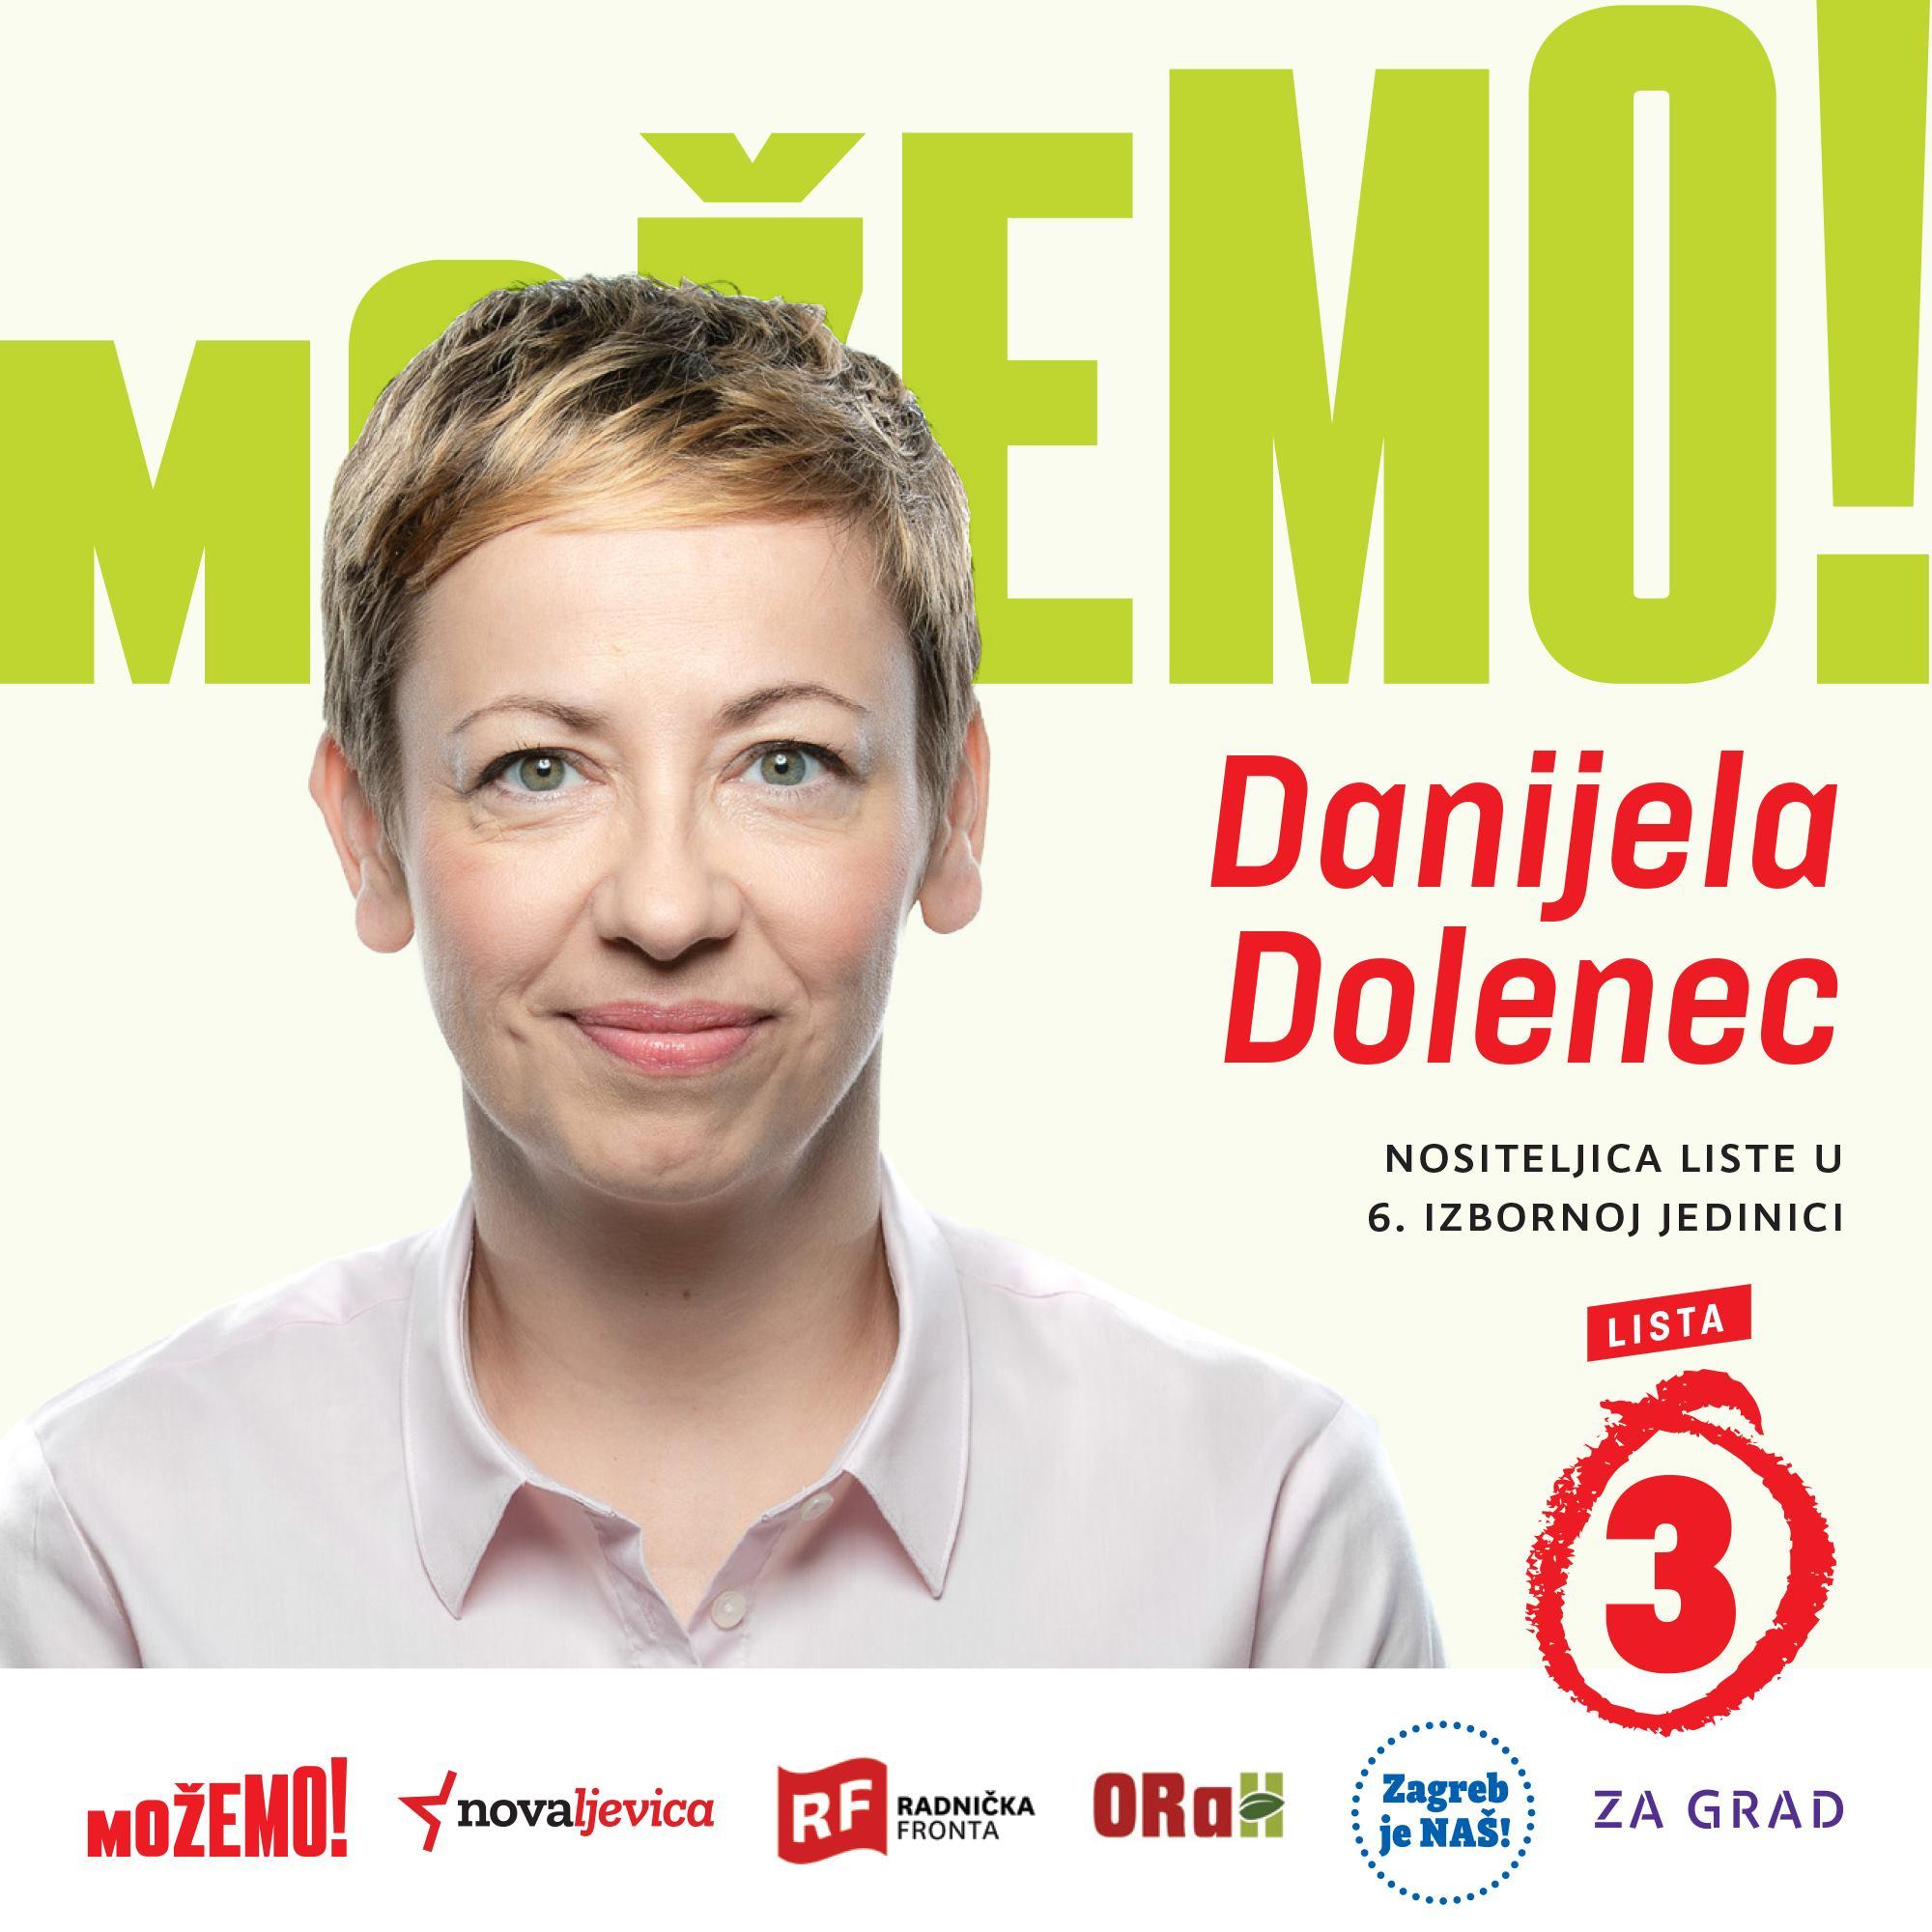 Predstavljamo Danijelu Dolenec, prvu na našoj listi u 6. izbornoj jedinici!